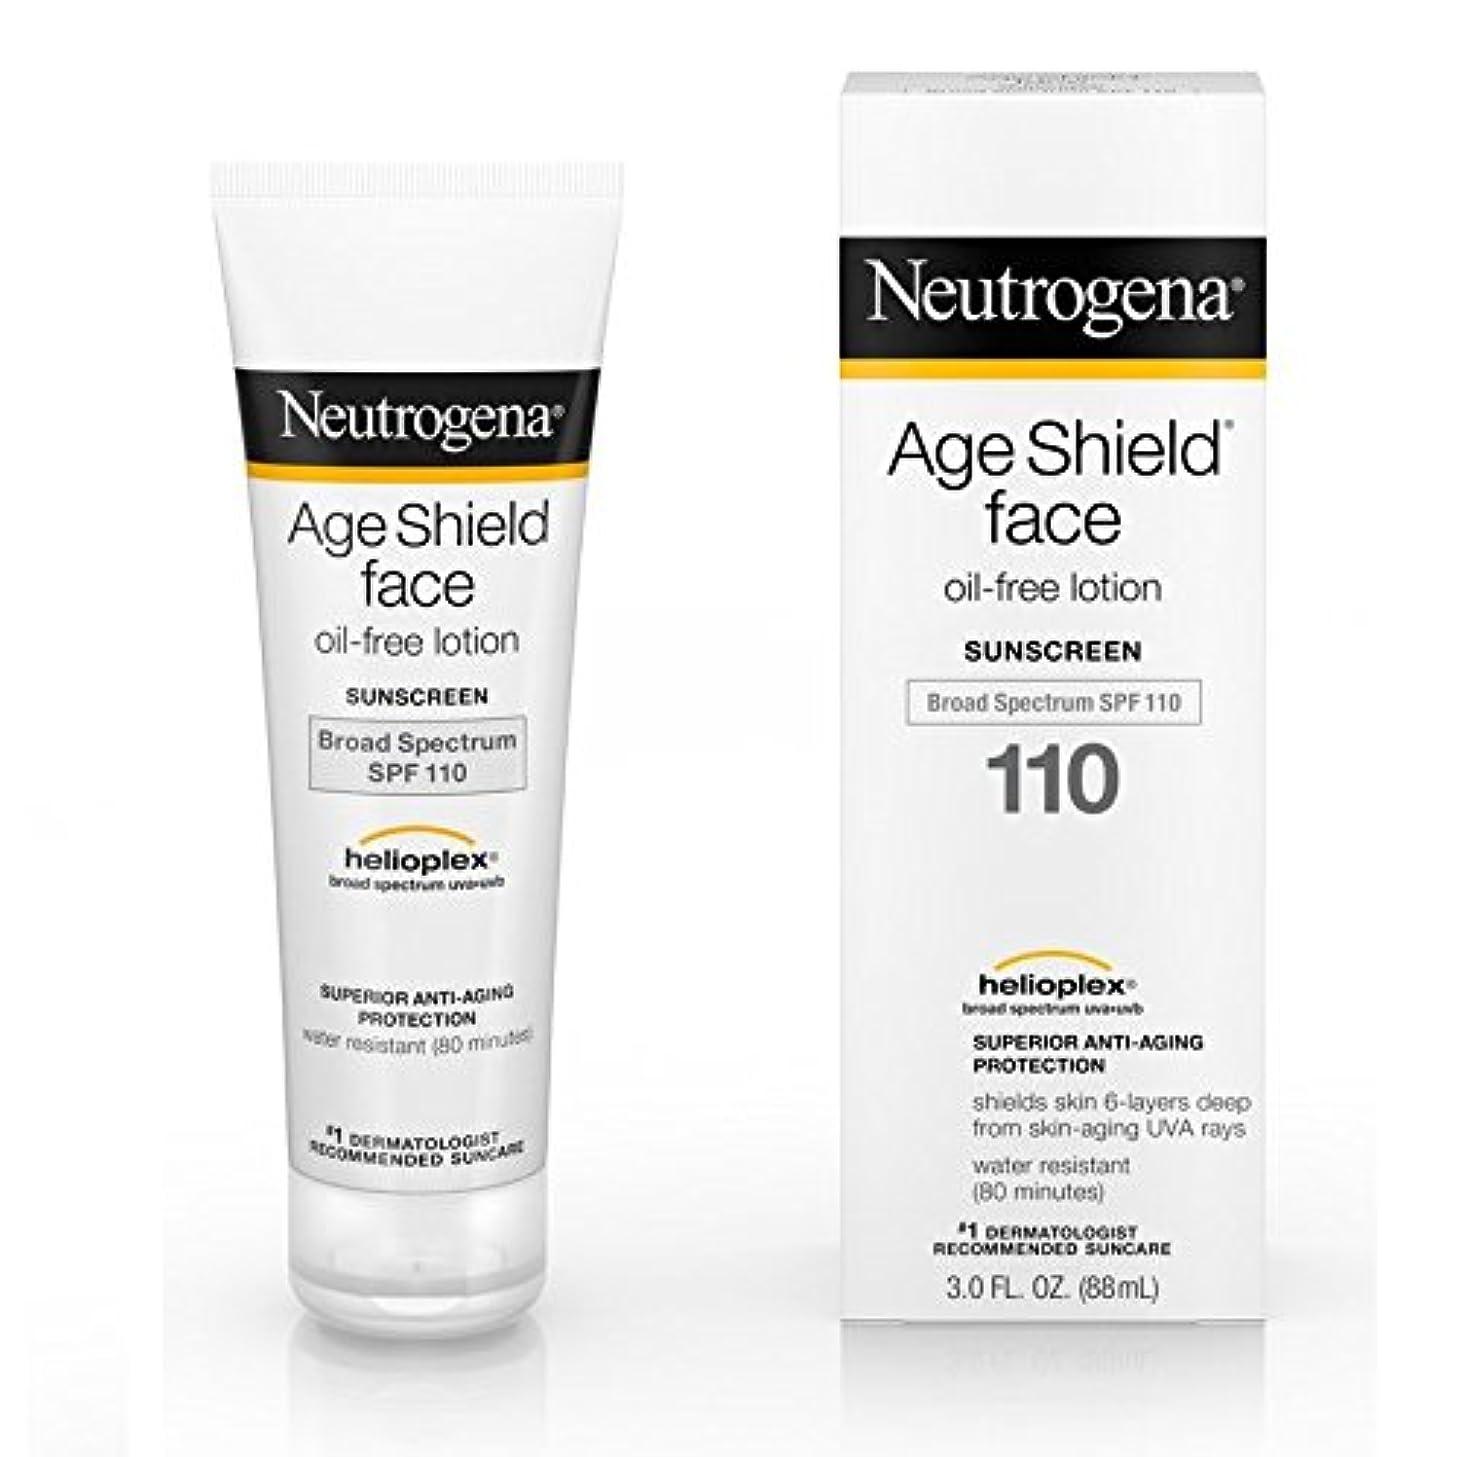 一時解雇する正午アライメント【海外直送品】Neutrogena Age Shield? Face Oil-Free Lotion Sunscreen Broad Spectrum SPF 110 - 3 FL OZ(88ml)